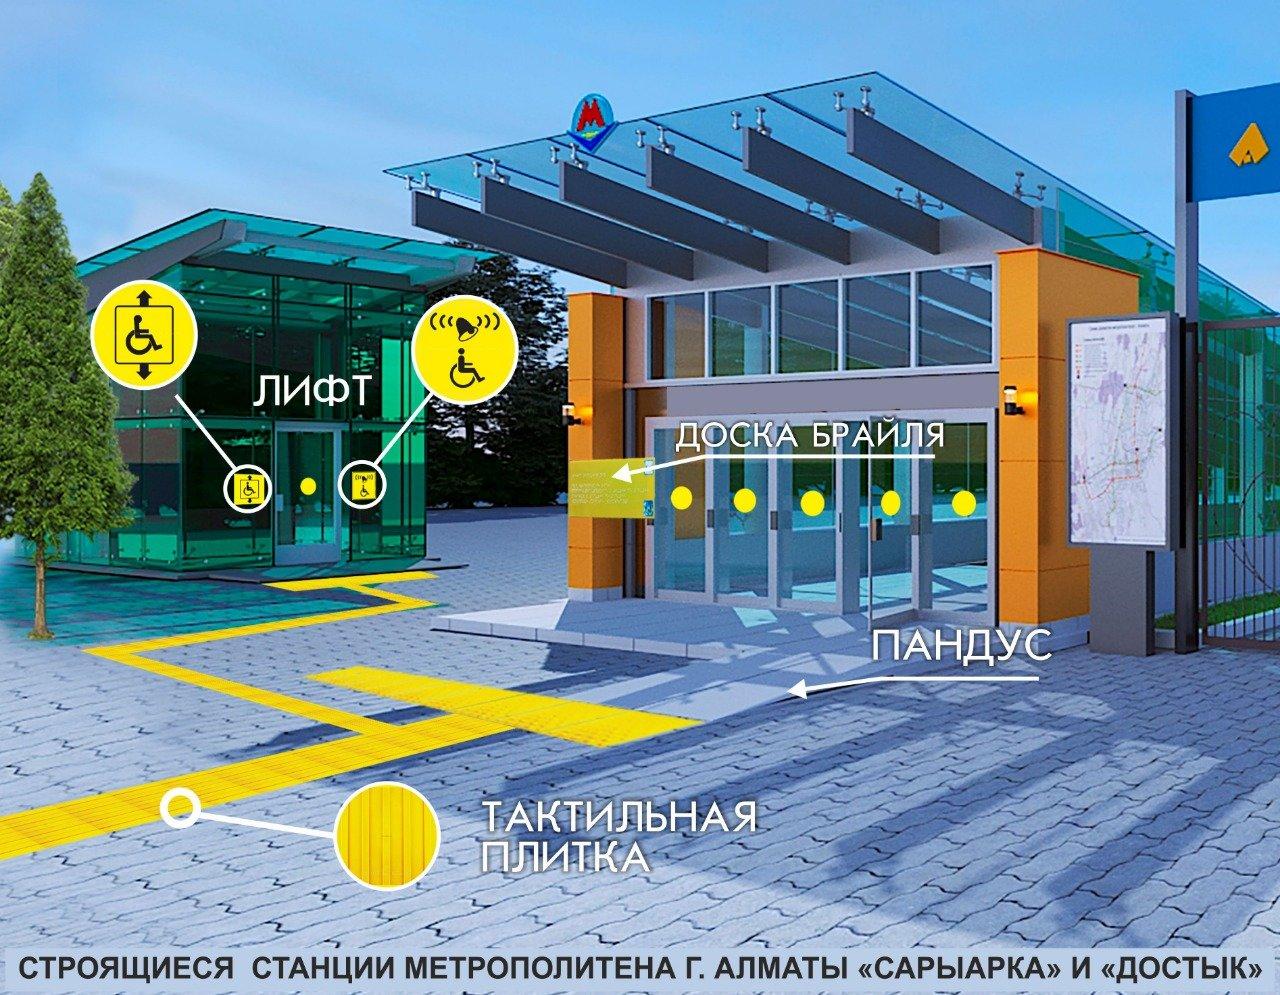 Более 40 млрд тенге выделили на строительство новых станций метро в Алматы, фото-1